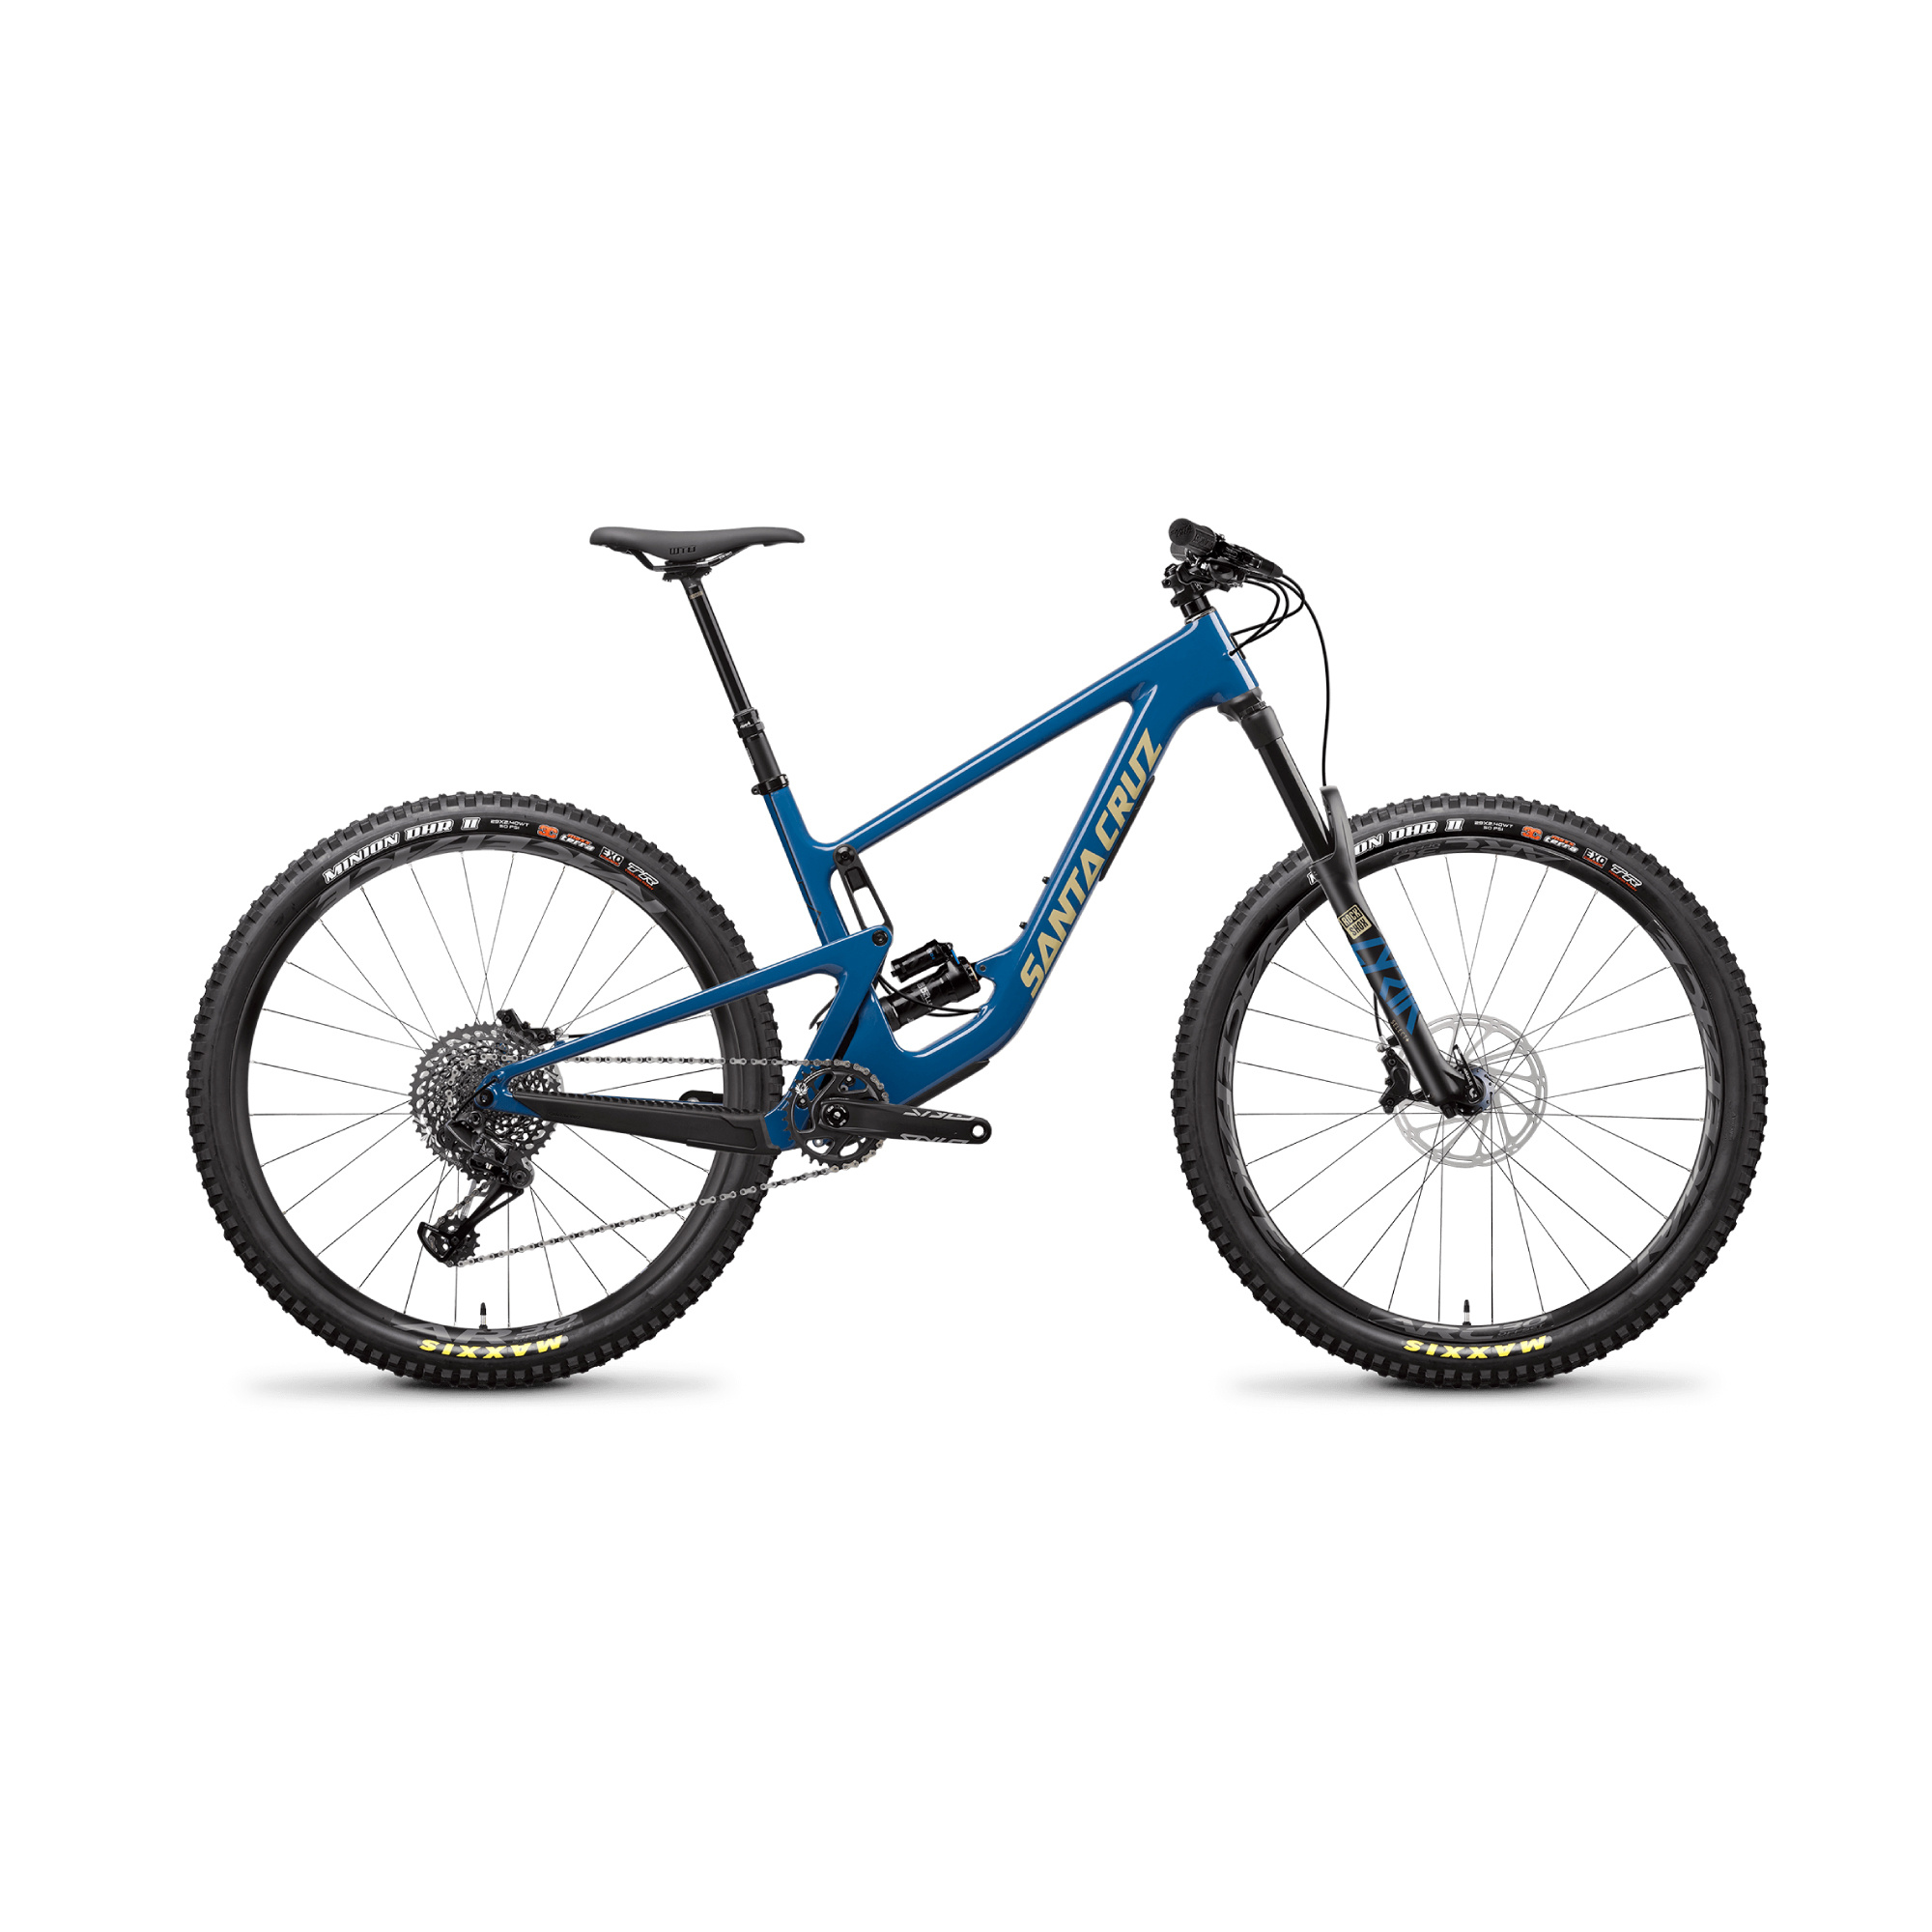 Hightower 2.0 C 29 S GX RS Lyrik Select + 150 Highland Blue Medium 2020-1